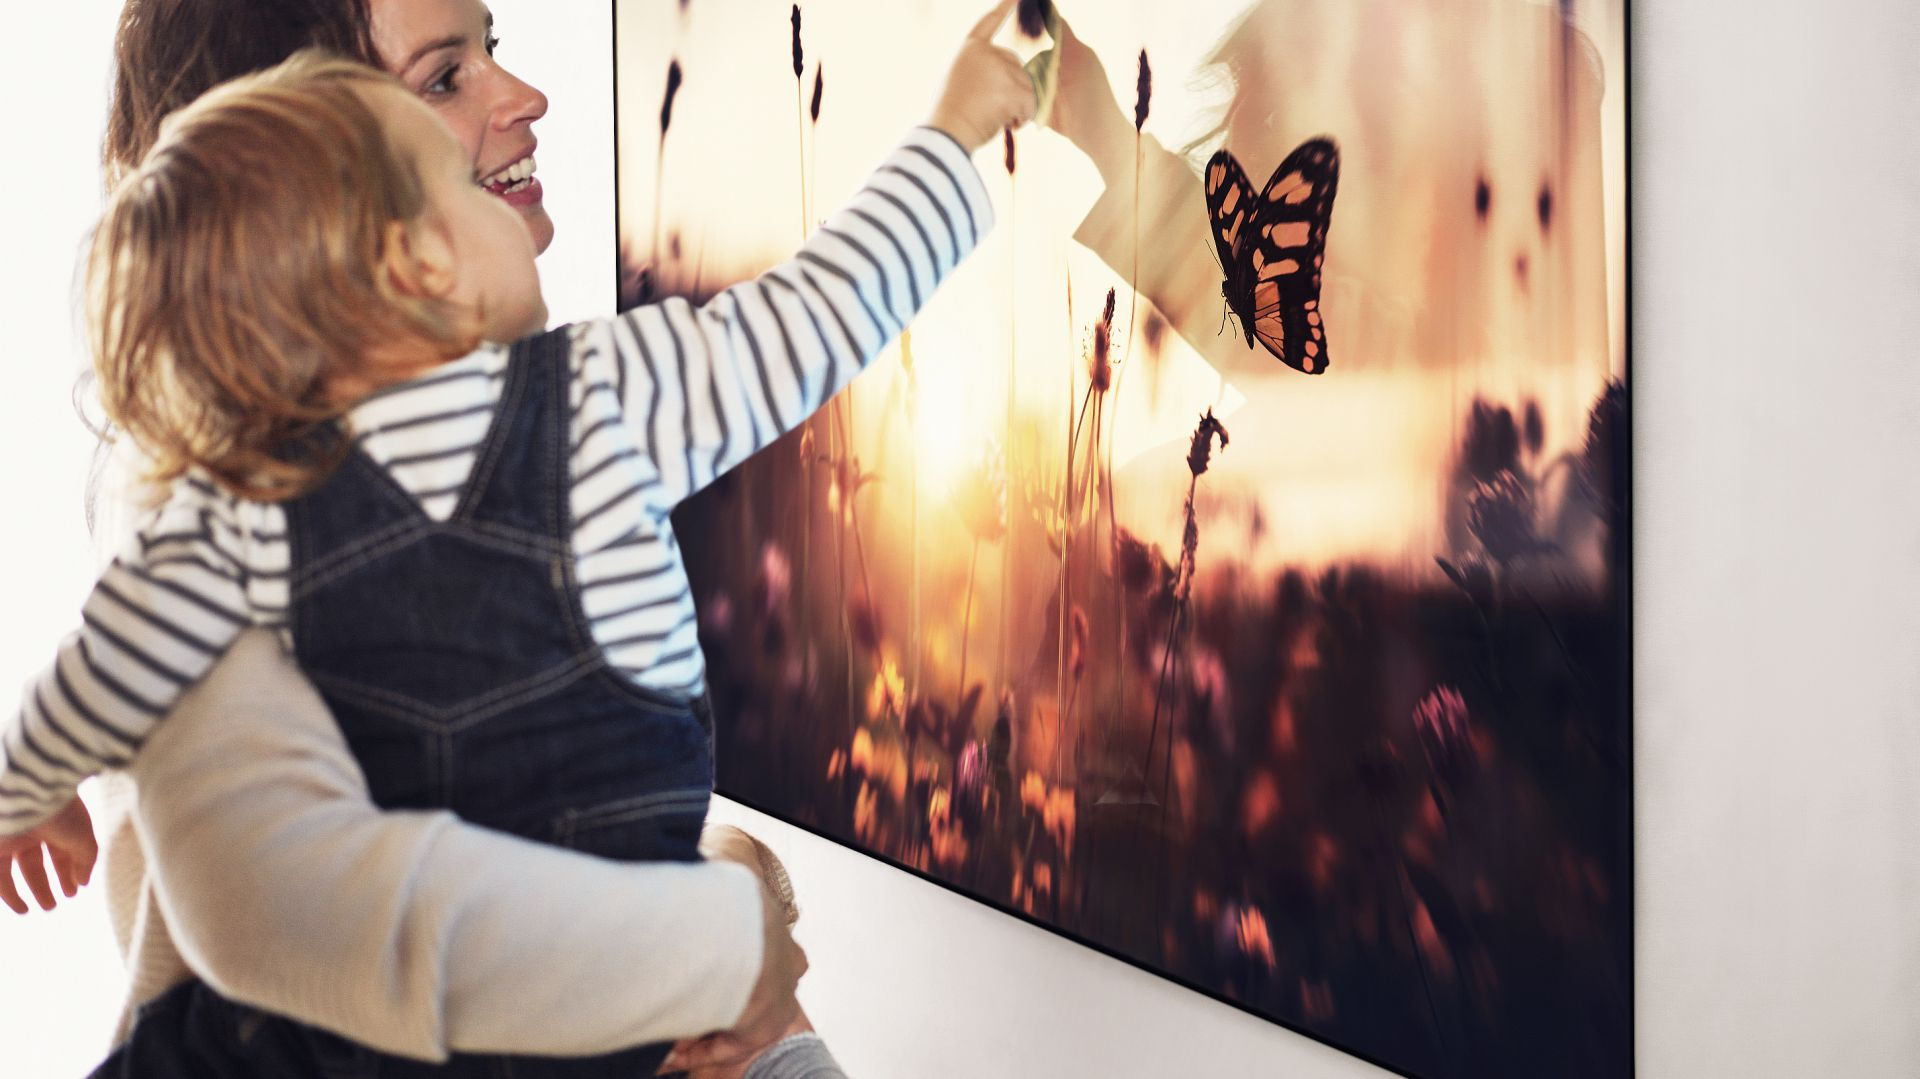 Wyjątkowo smukły profil telewizora W7 sprawia wrażenie, że ekran unosi się w powietrzu. Niesamowicie smukły panel OLED, który w 65-calowym modelu ma zaledwie 2,57 mm, można zainstalować bezpośrednio na ścianie, używając jedynie magnetycznych uchwytów. Fot LG